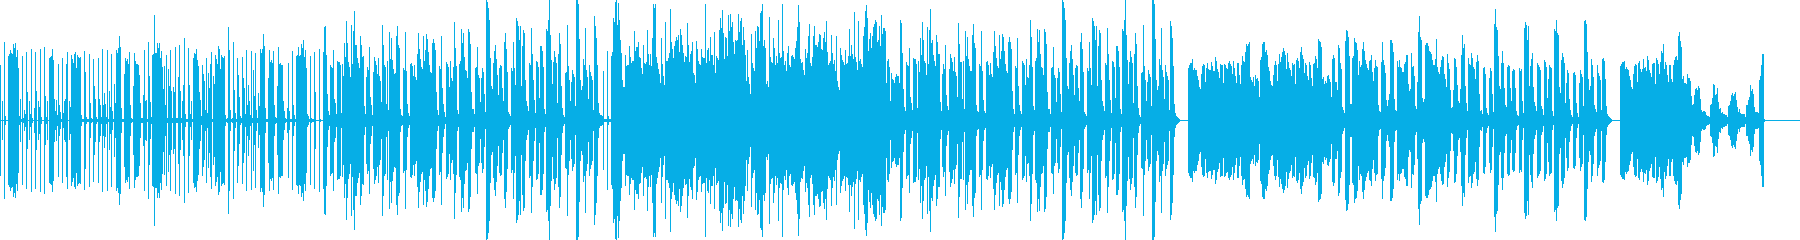 ブロックを壊して進むBASS musicの再生済みの波形